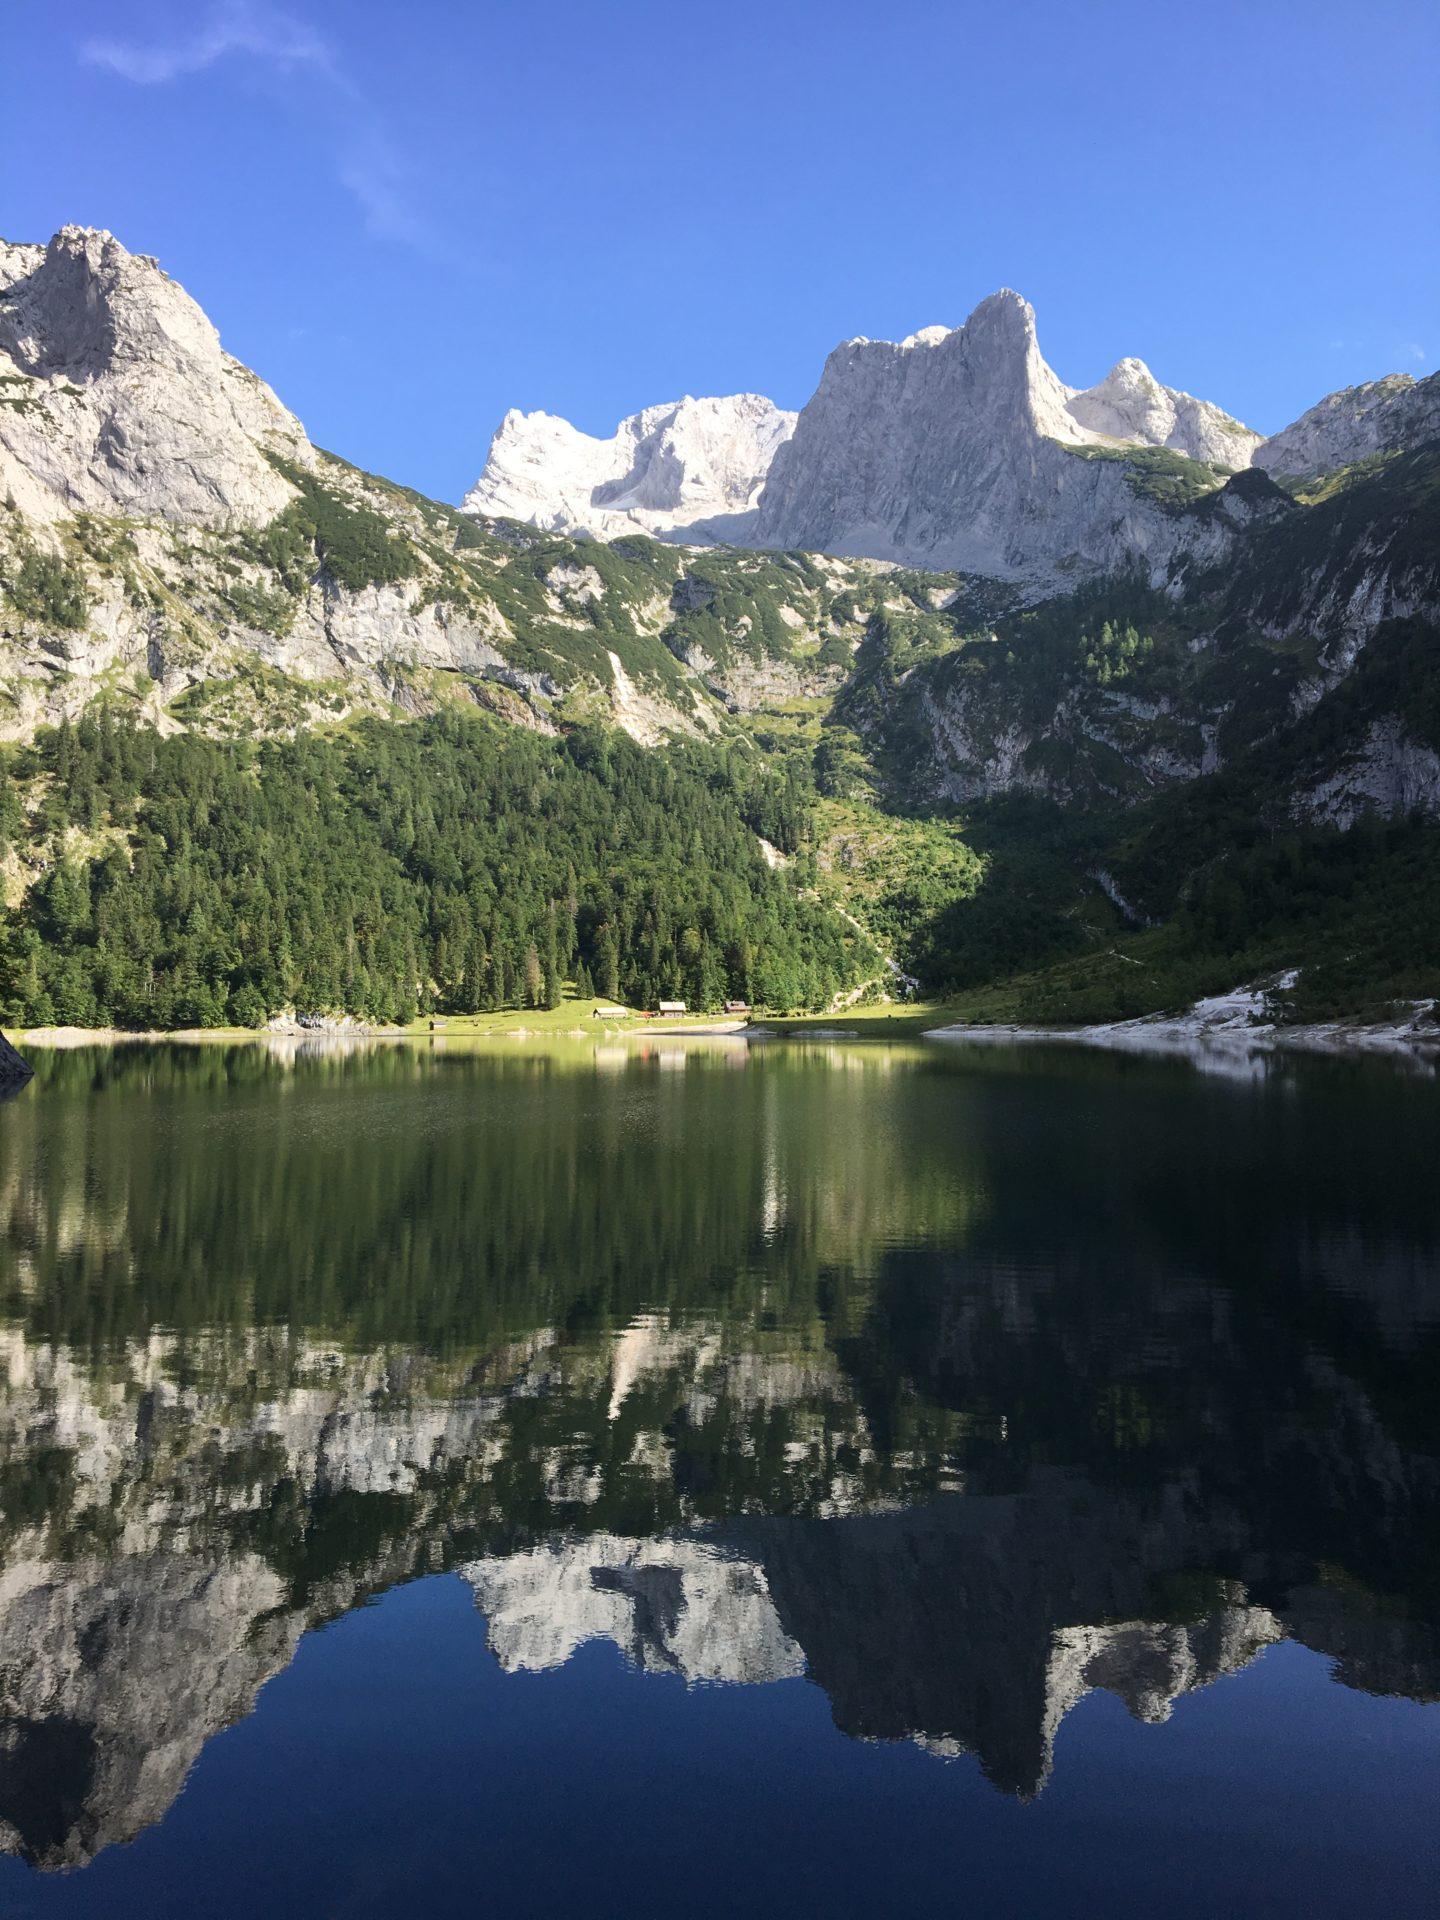 The Dachstein massif, Austria